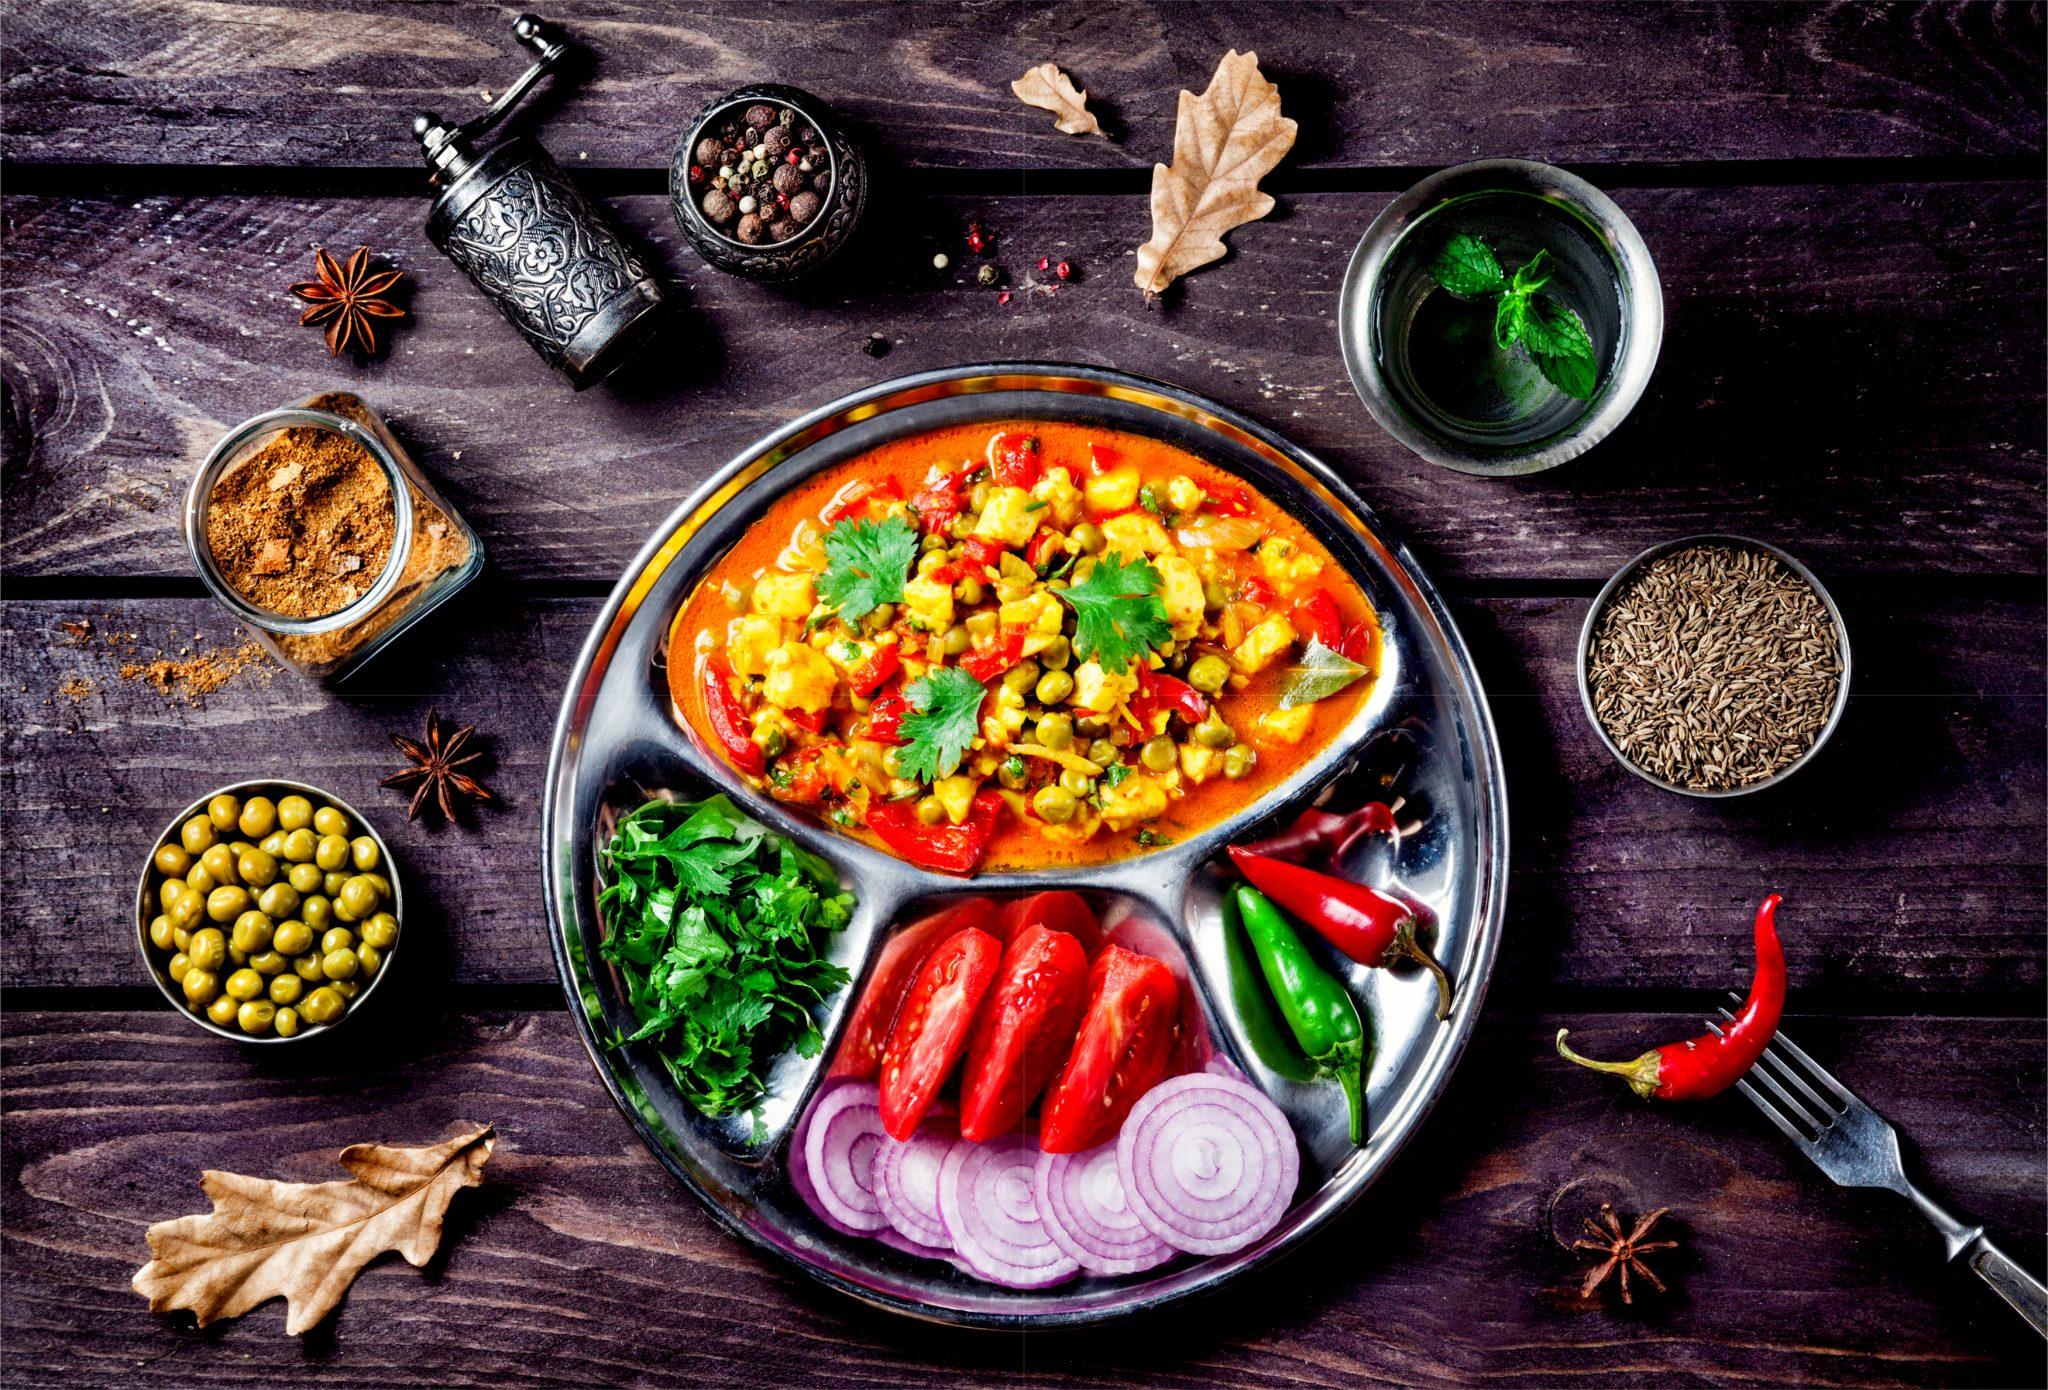 アーユルヴェーダ食事方法